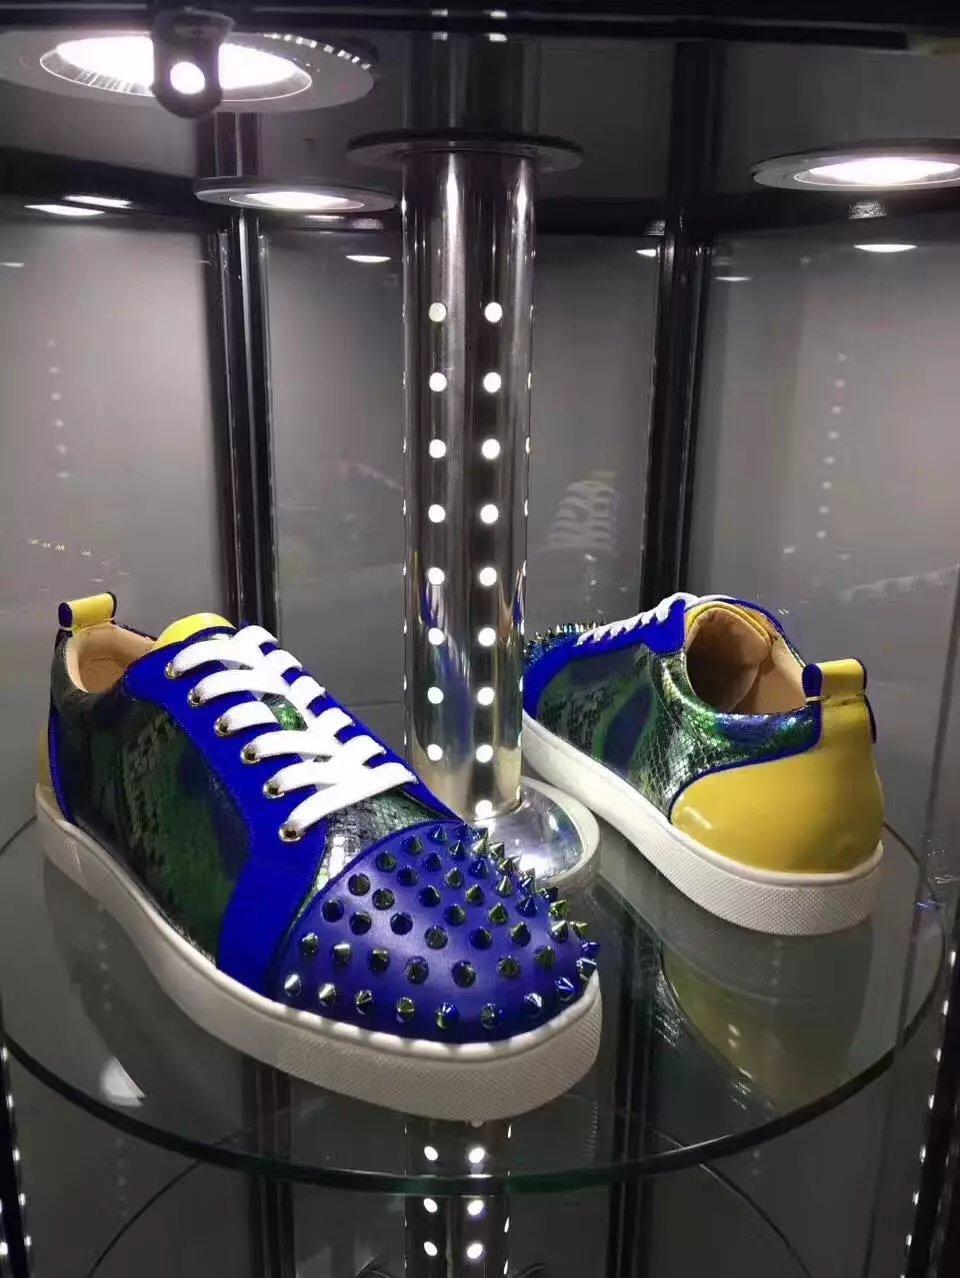 Chaussures En Lace Sports Air Hommes up As Noble Sneaker 2018 Pour Pointu De Marche Plein Loisirs Cuir Chentel Mode Picture Nouveau Rivet 2EWDH9I